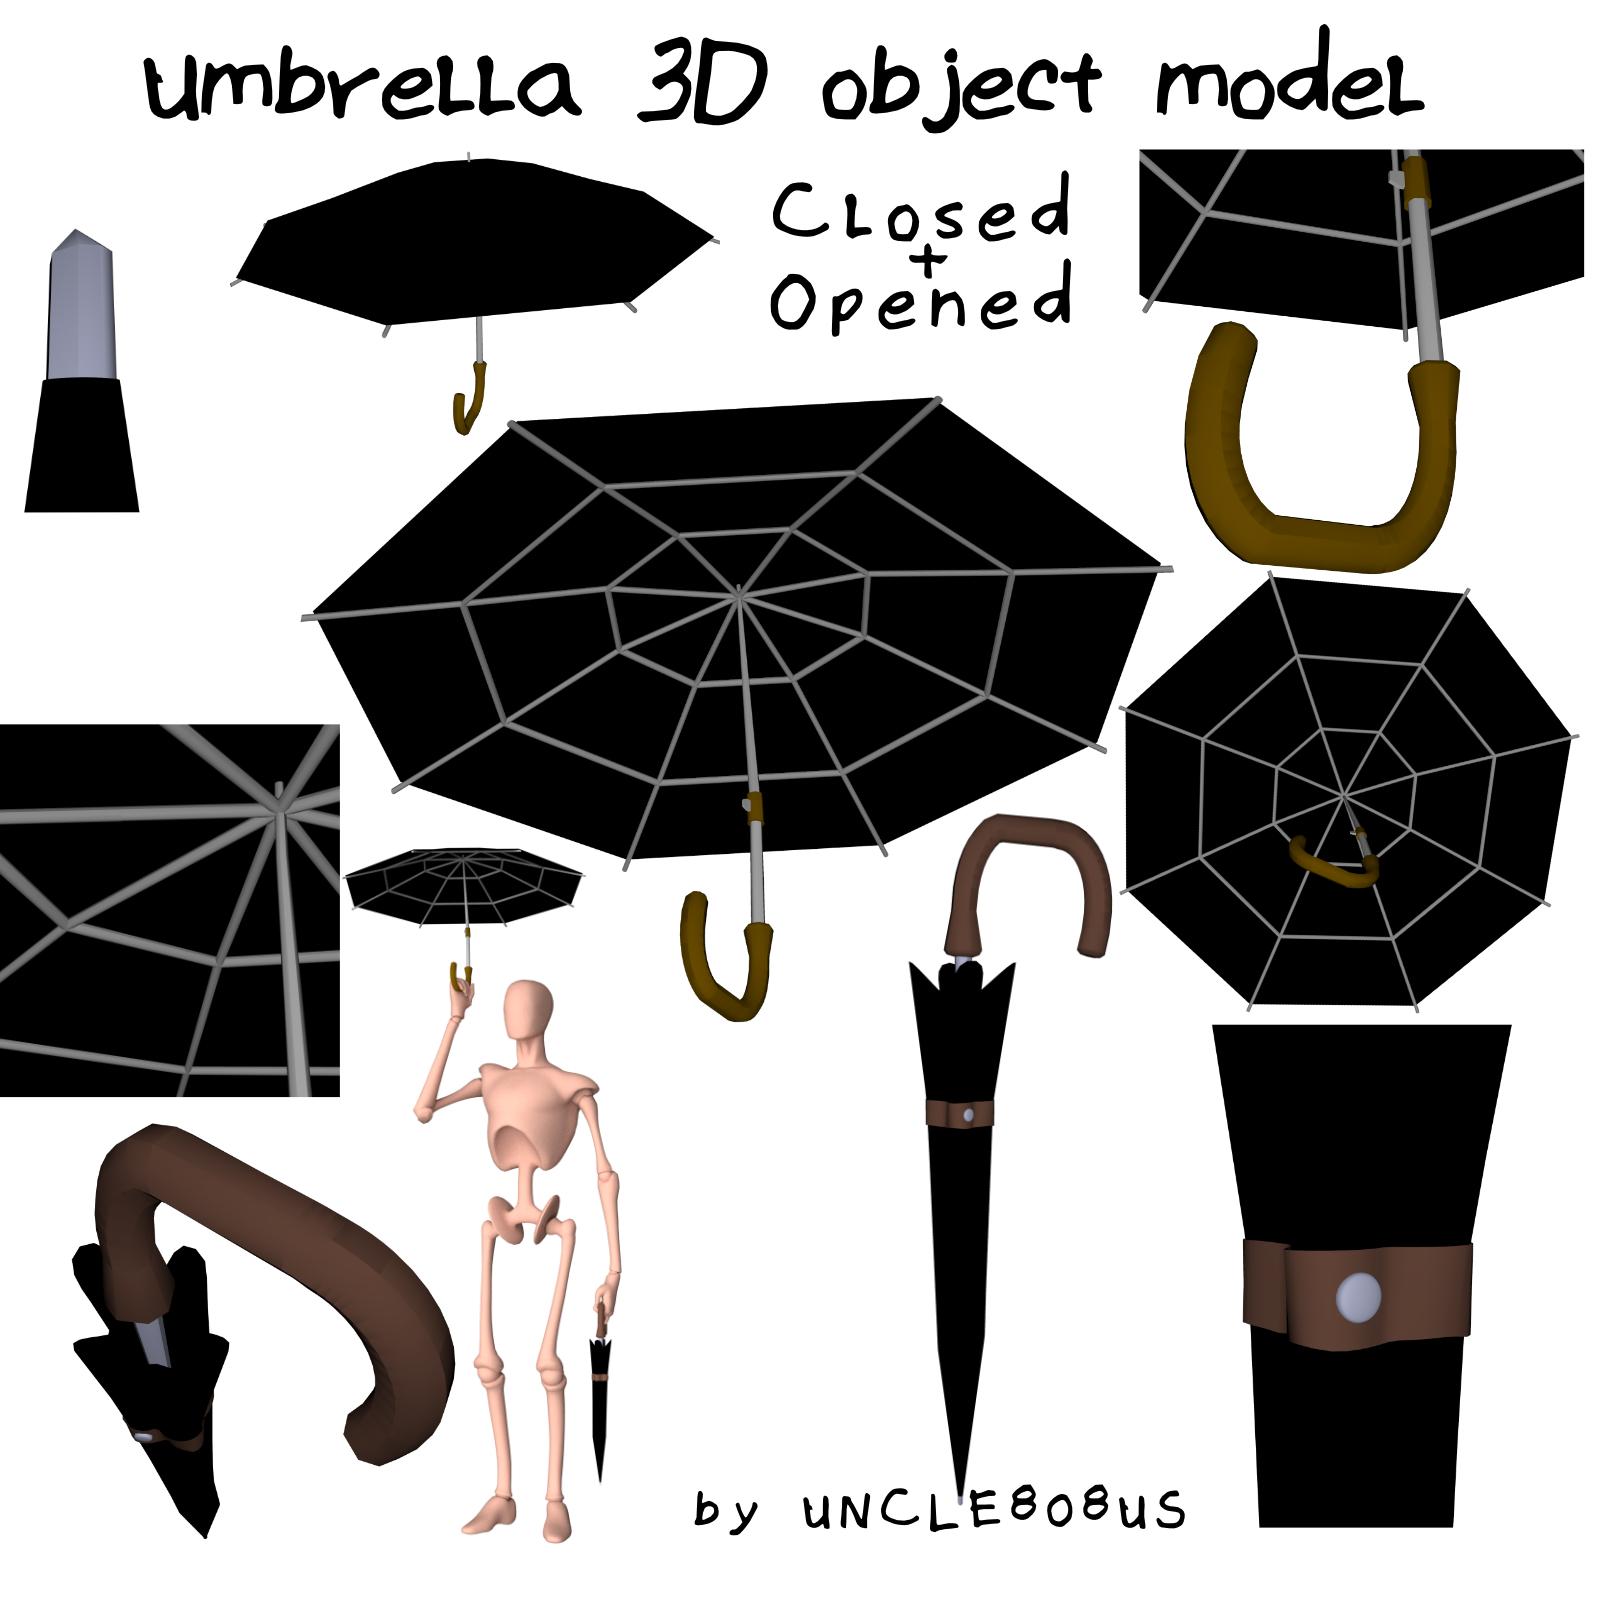 Umbrella 3D object model 3d model  obj 272747